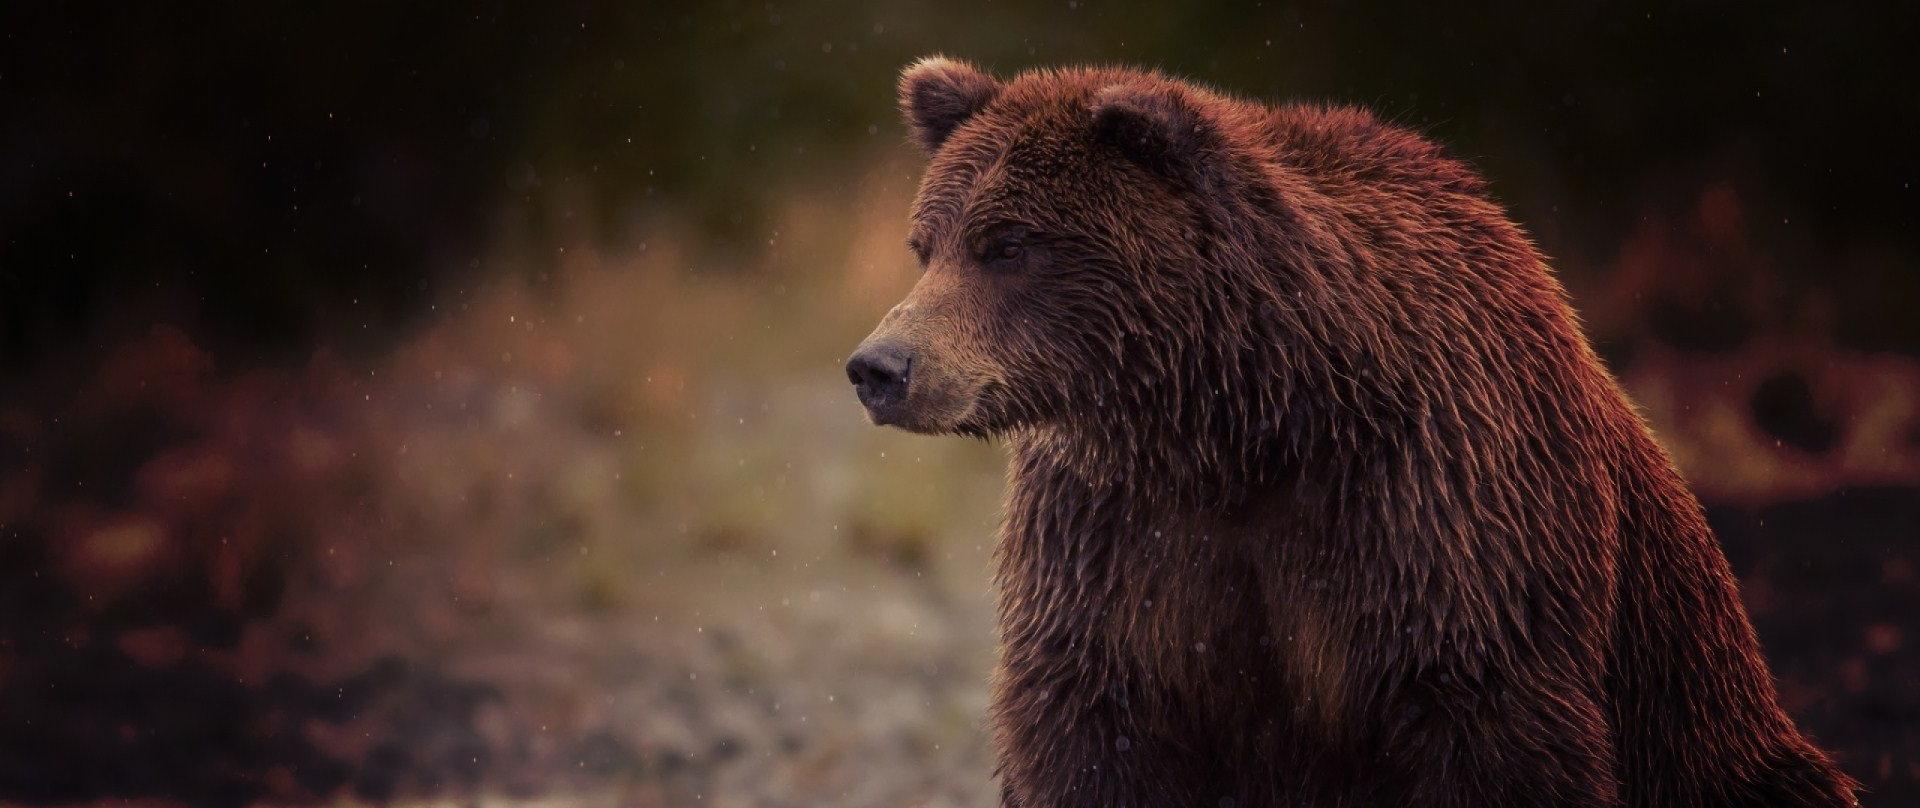 Ele foi tirar uma selfie com um urso e… Não deu muito certo. – Sobrecast 70